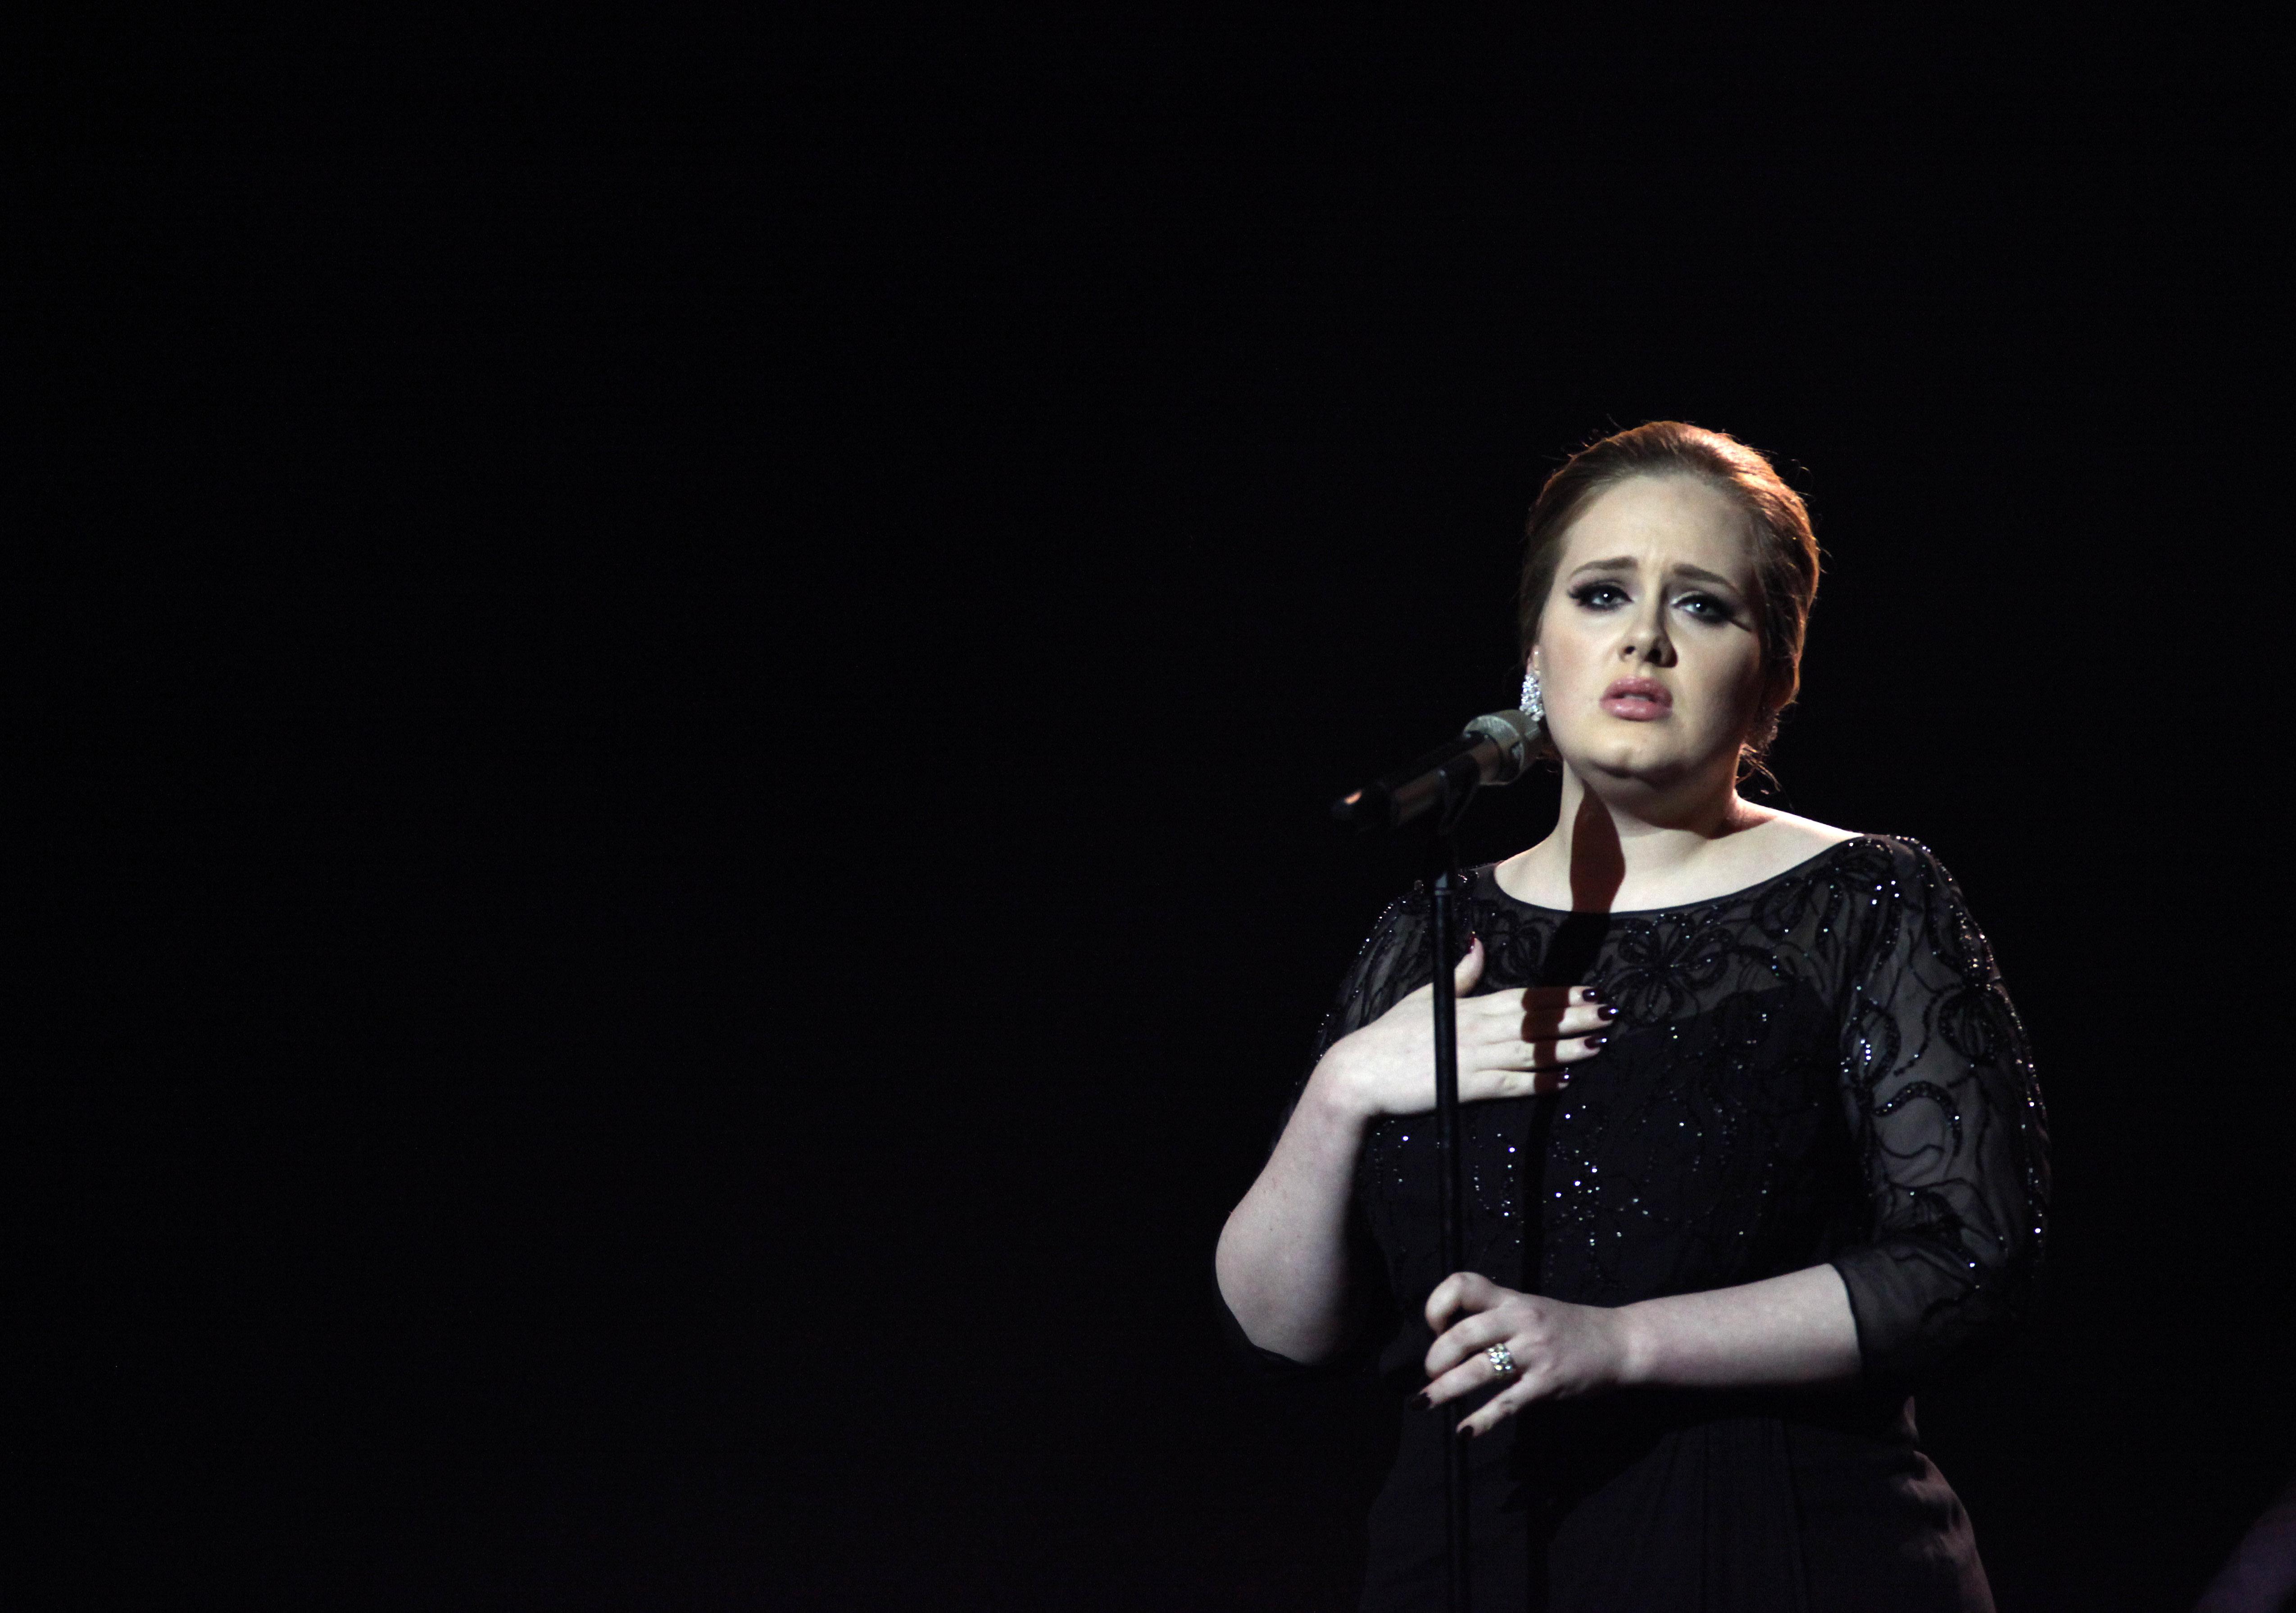 Adele habló sobre la psicosis posparto en Instagram